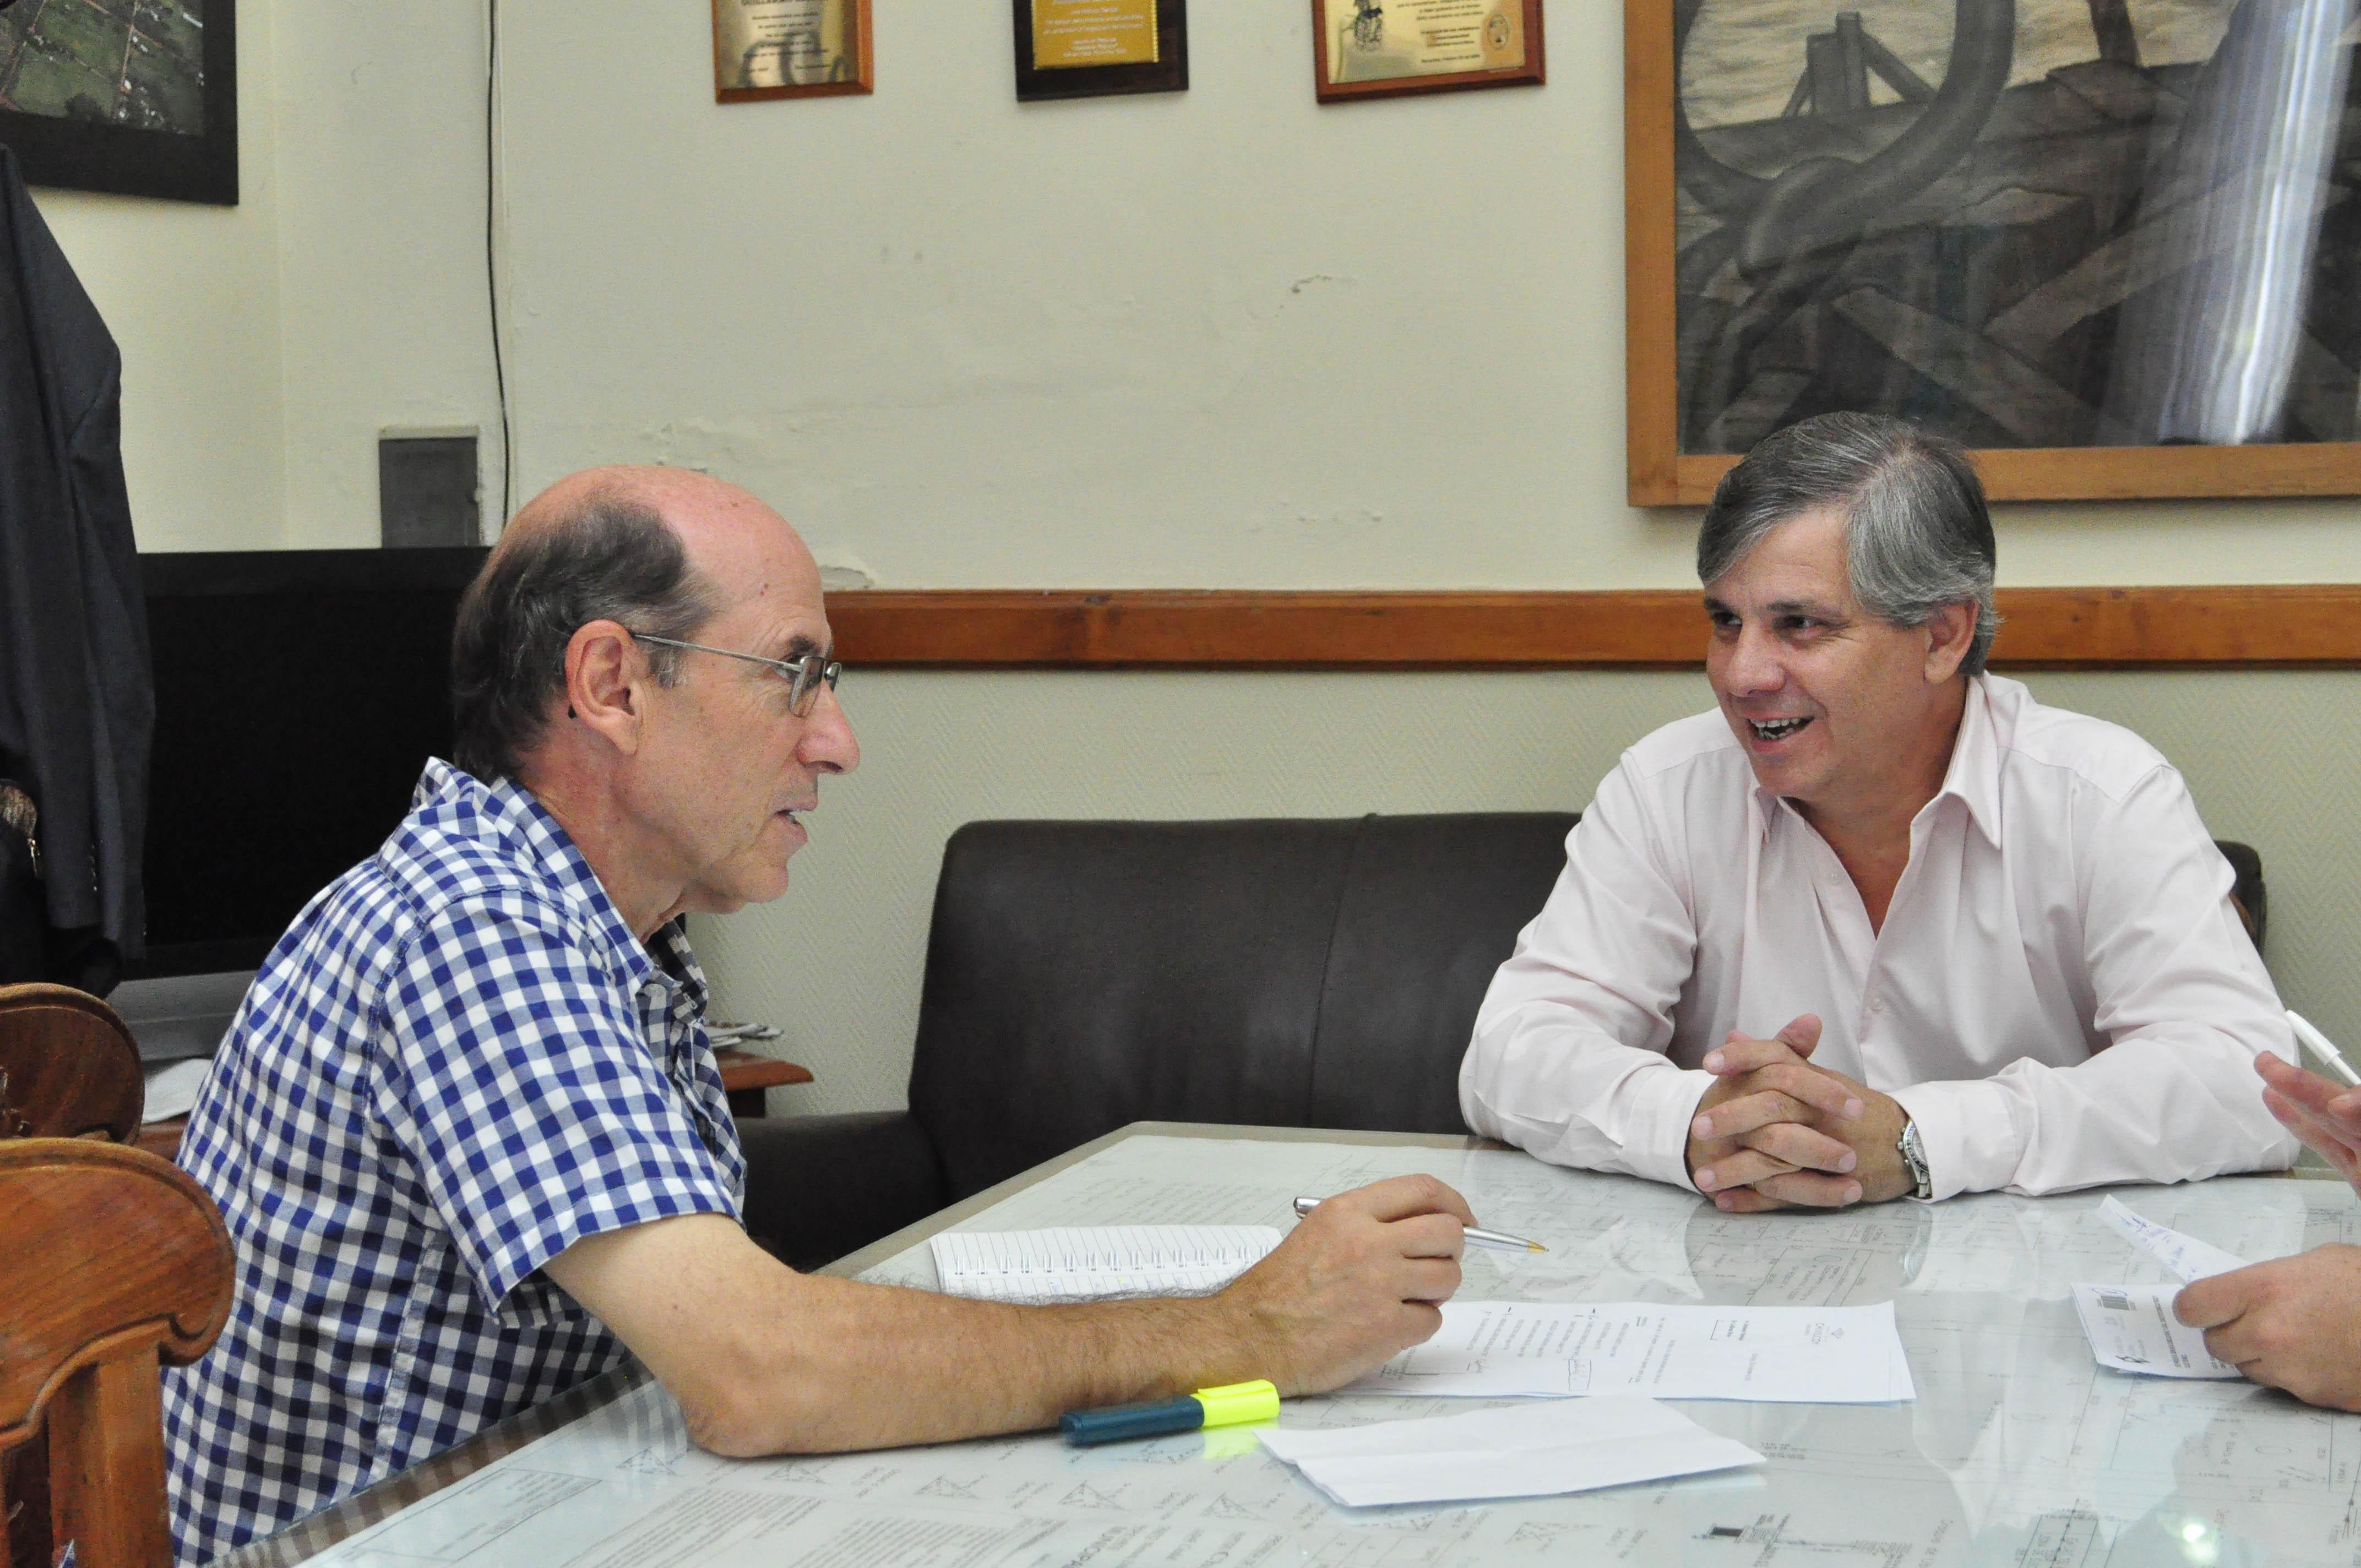 El secretario de Salud José María Caprara se reunió con el intendente Guillermo Britos, oportunidad en que analizaron distintos aspectos de la gestión sanitaria de la Municipalidad.